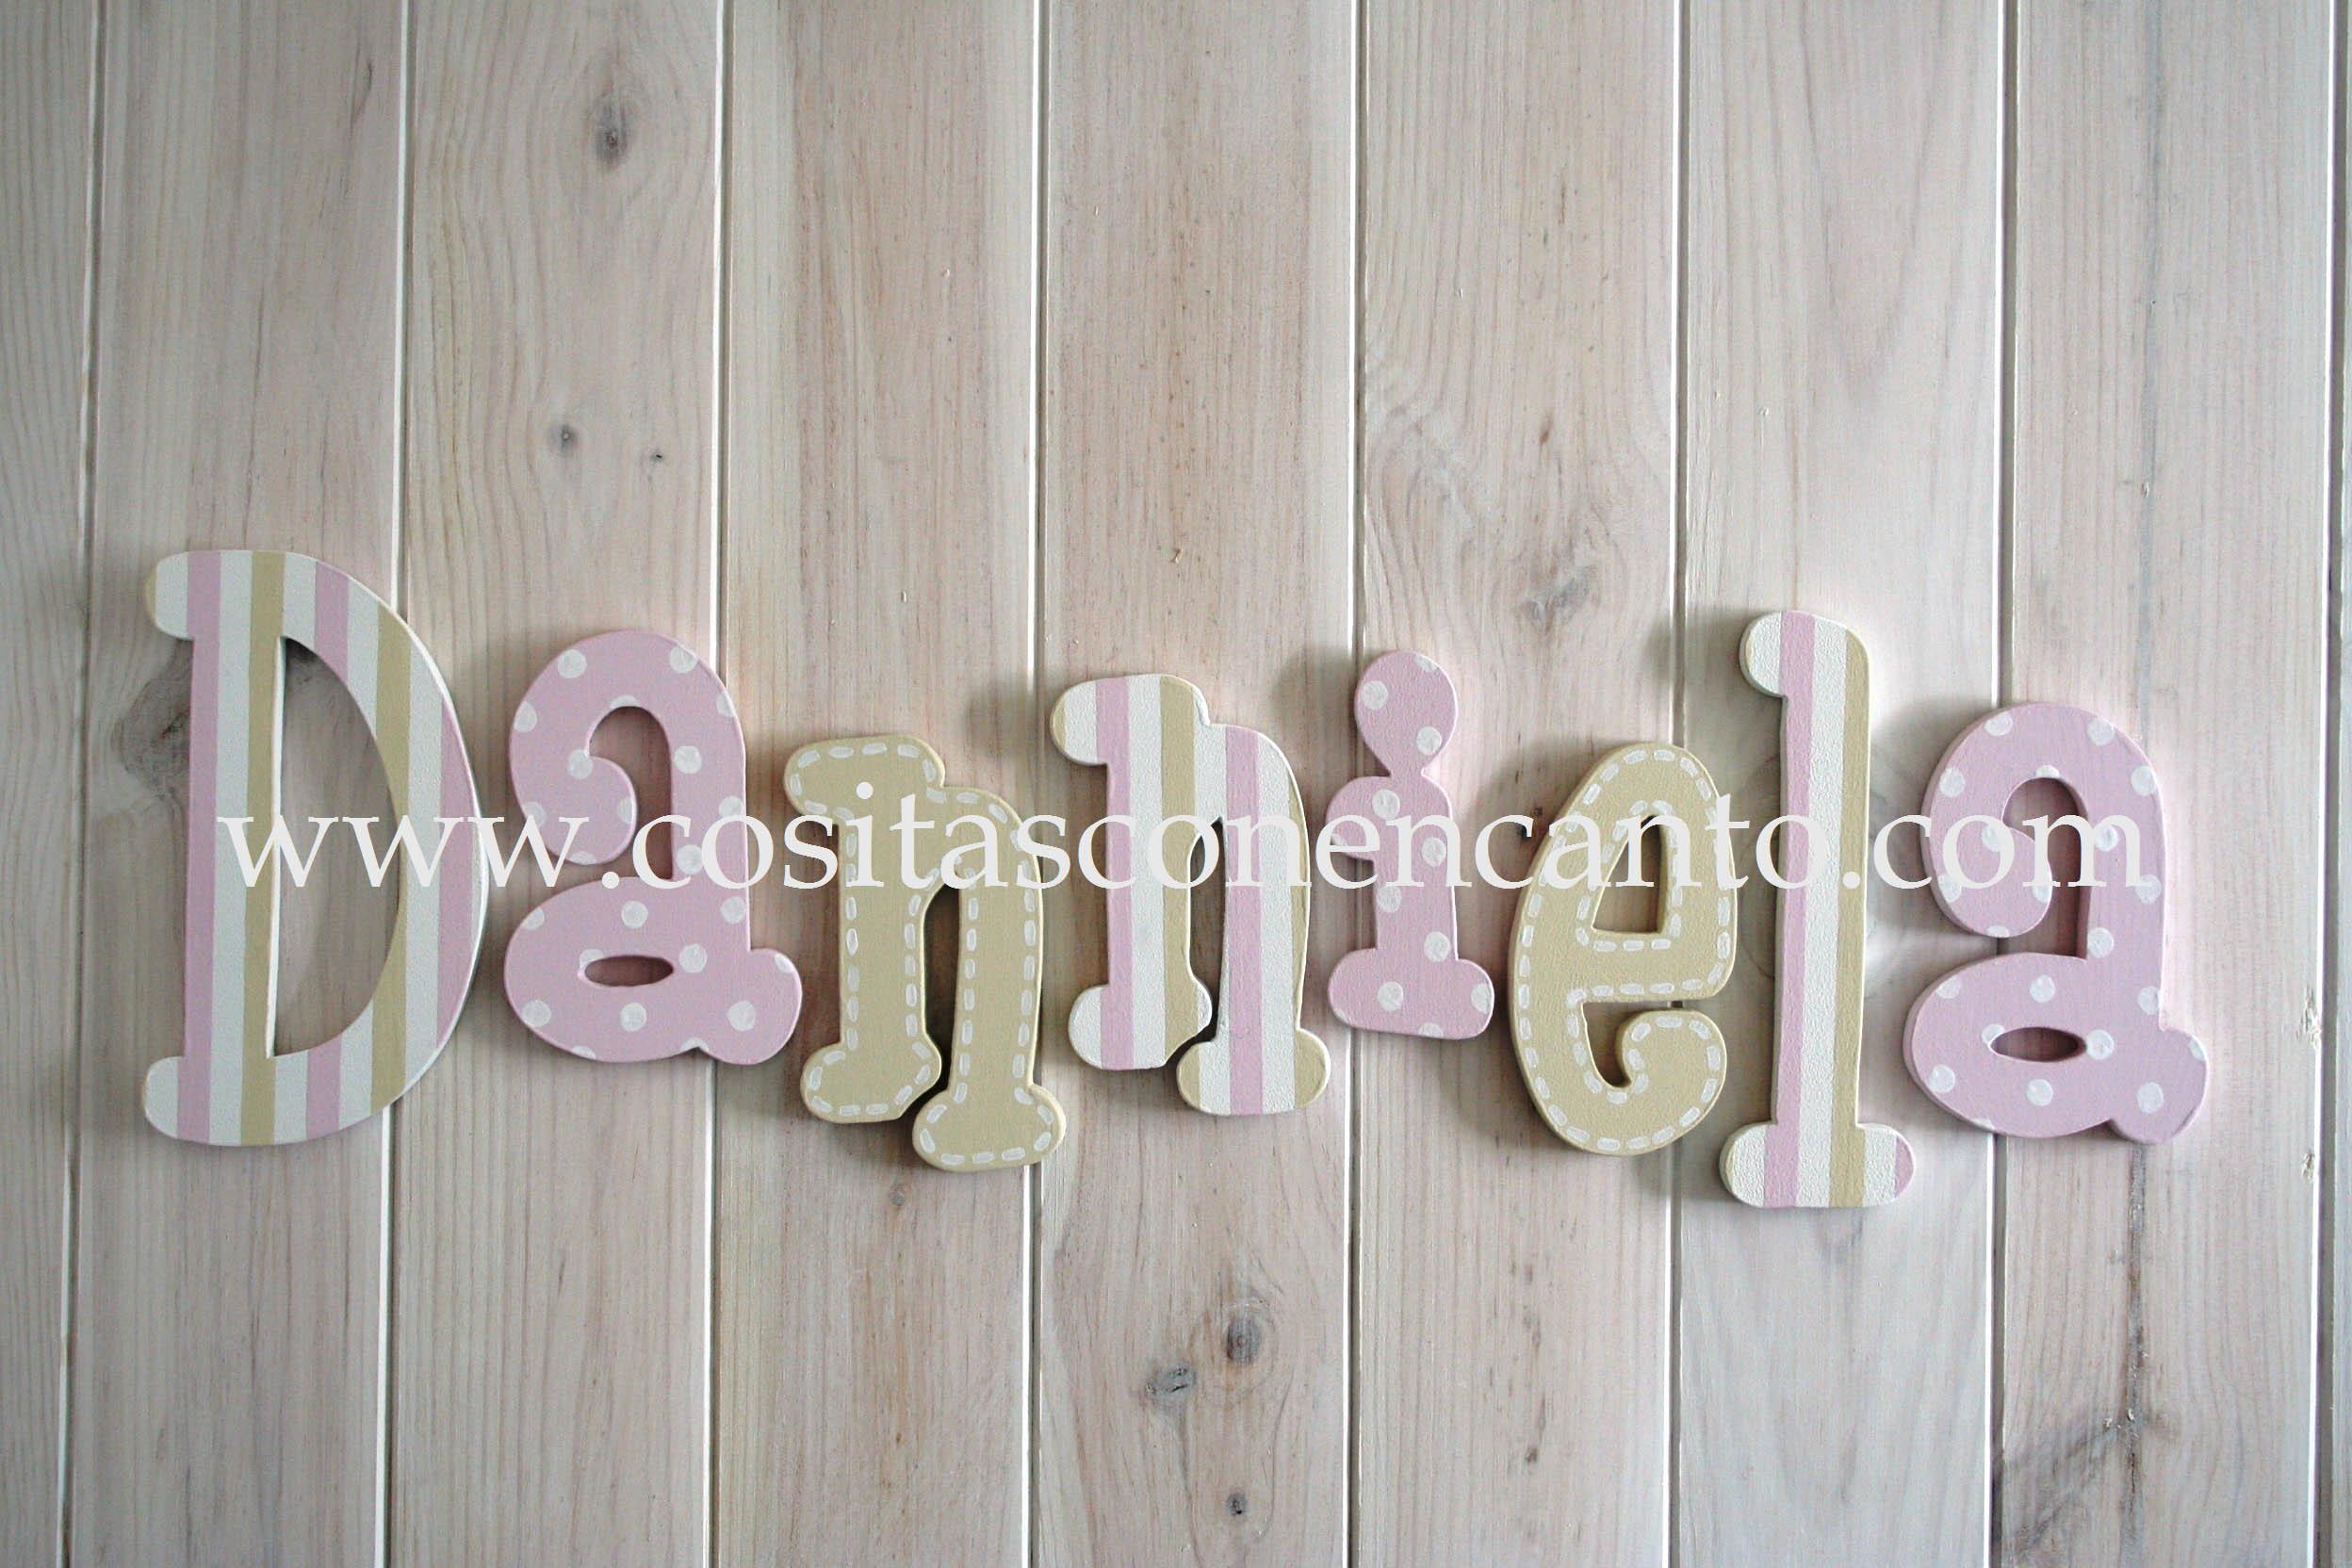 Decorando con letras de madera cositas con encanto - Letras de madera decorativas ...